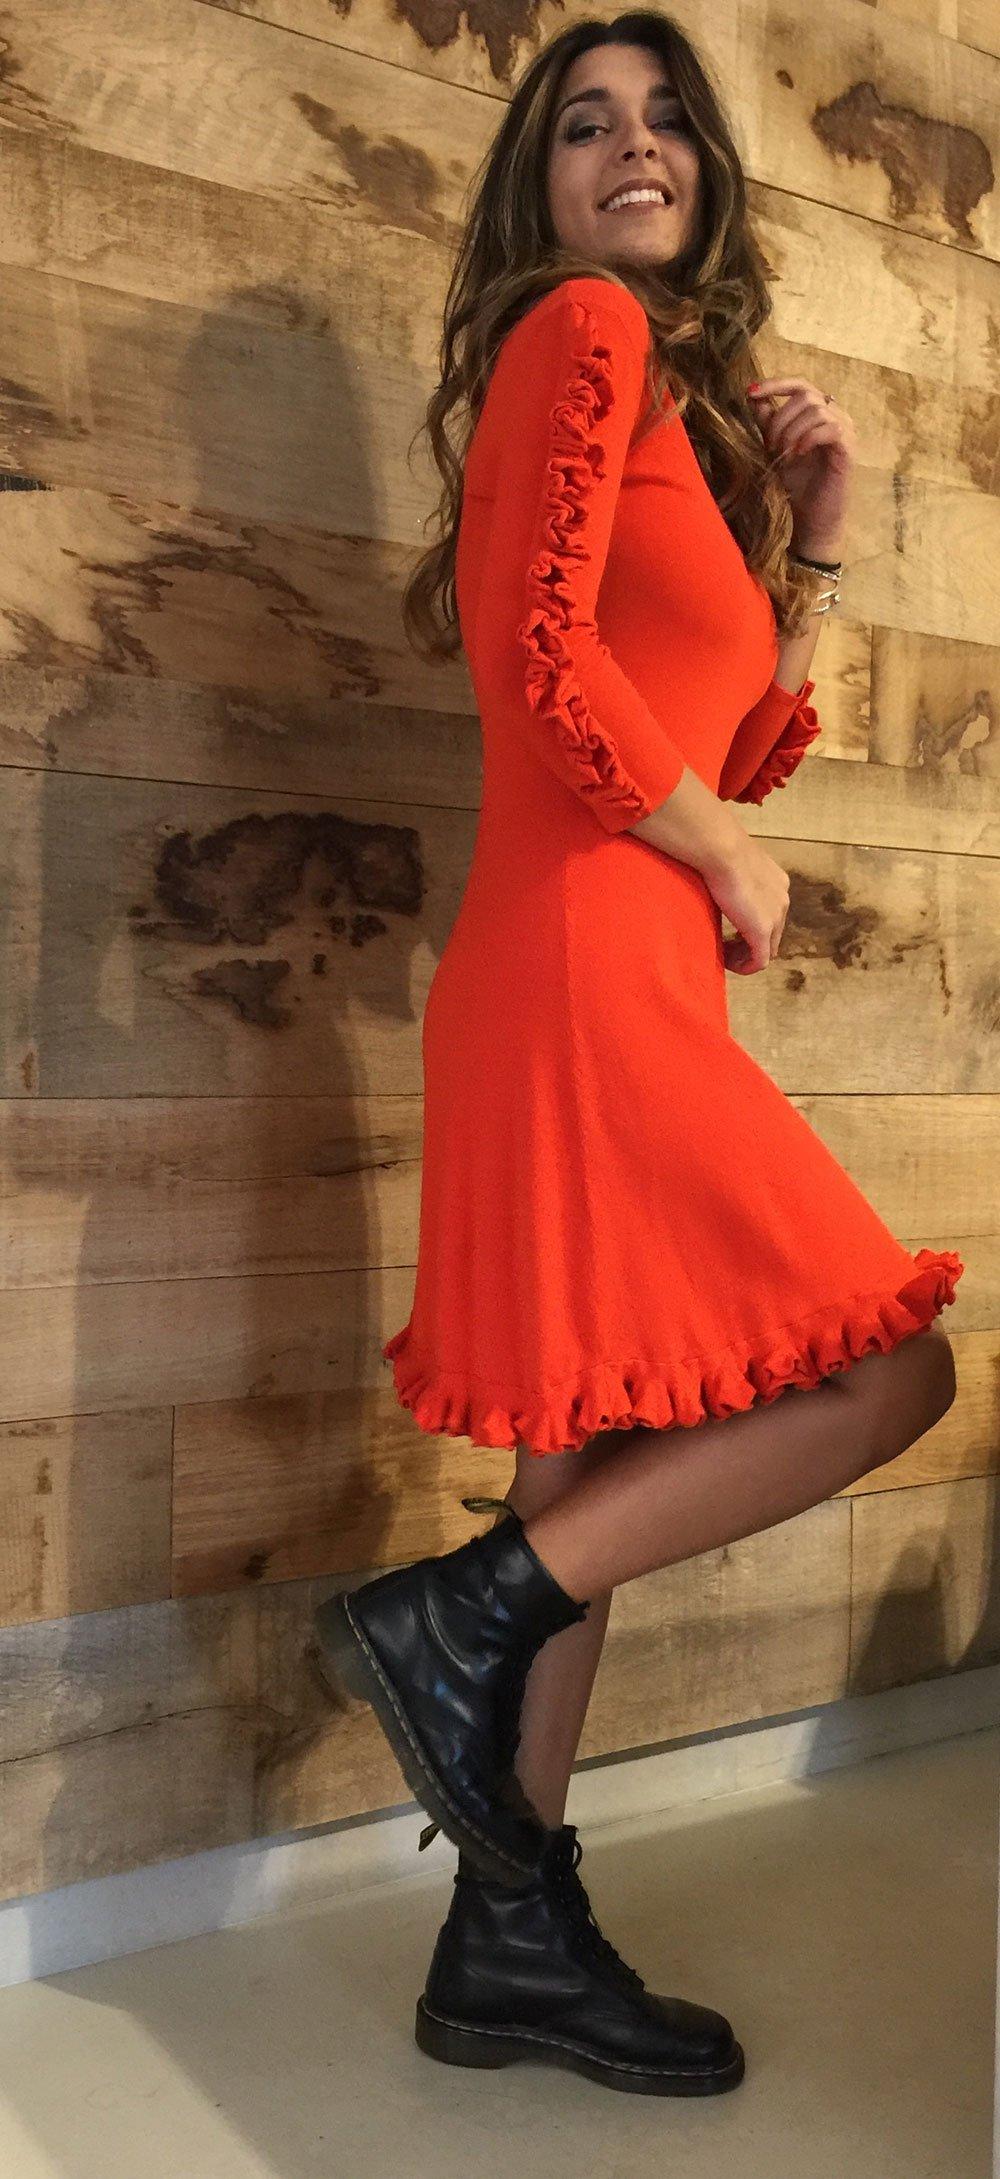 una ragazza con un abito arancione